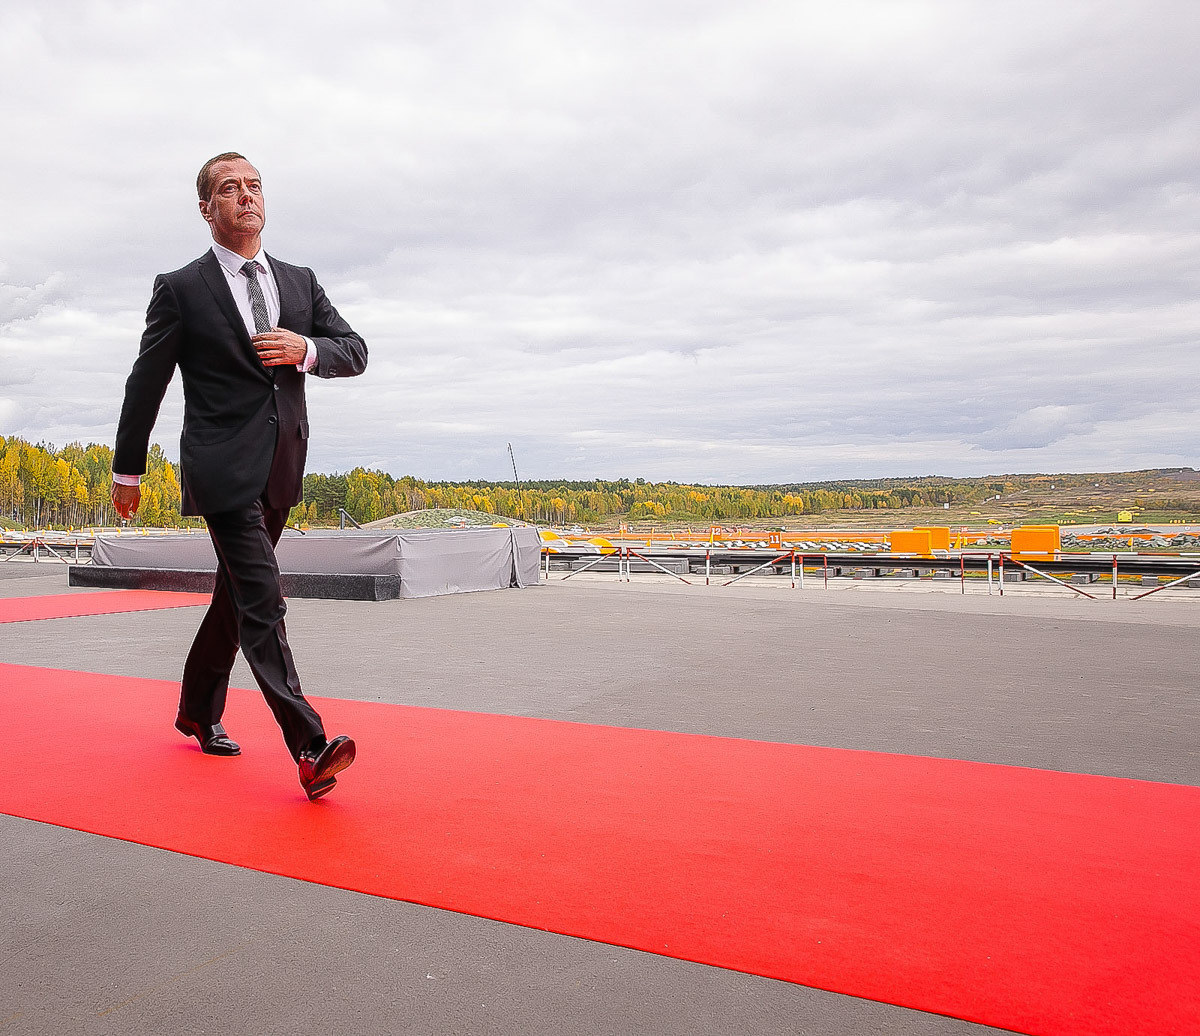 Dmitry Medvedev / Business Dialogue